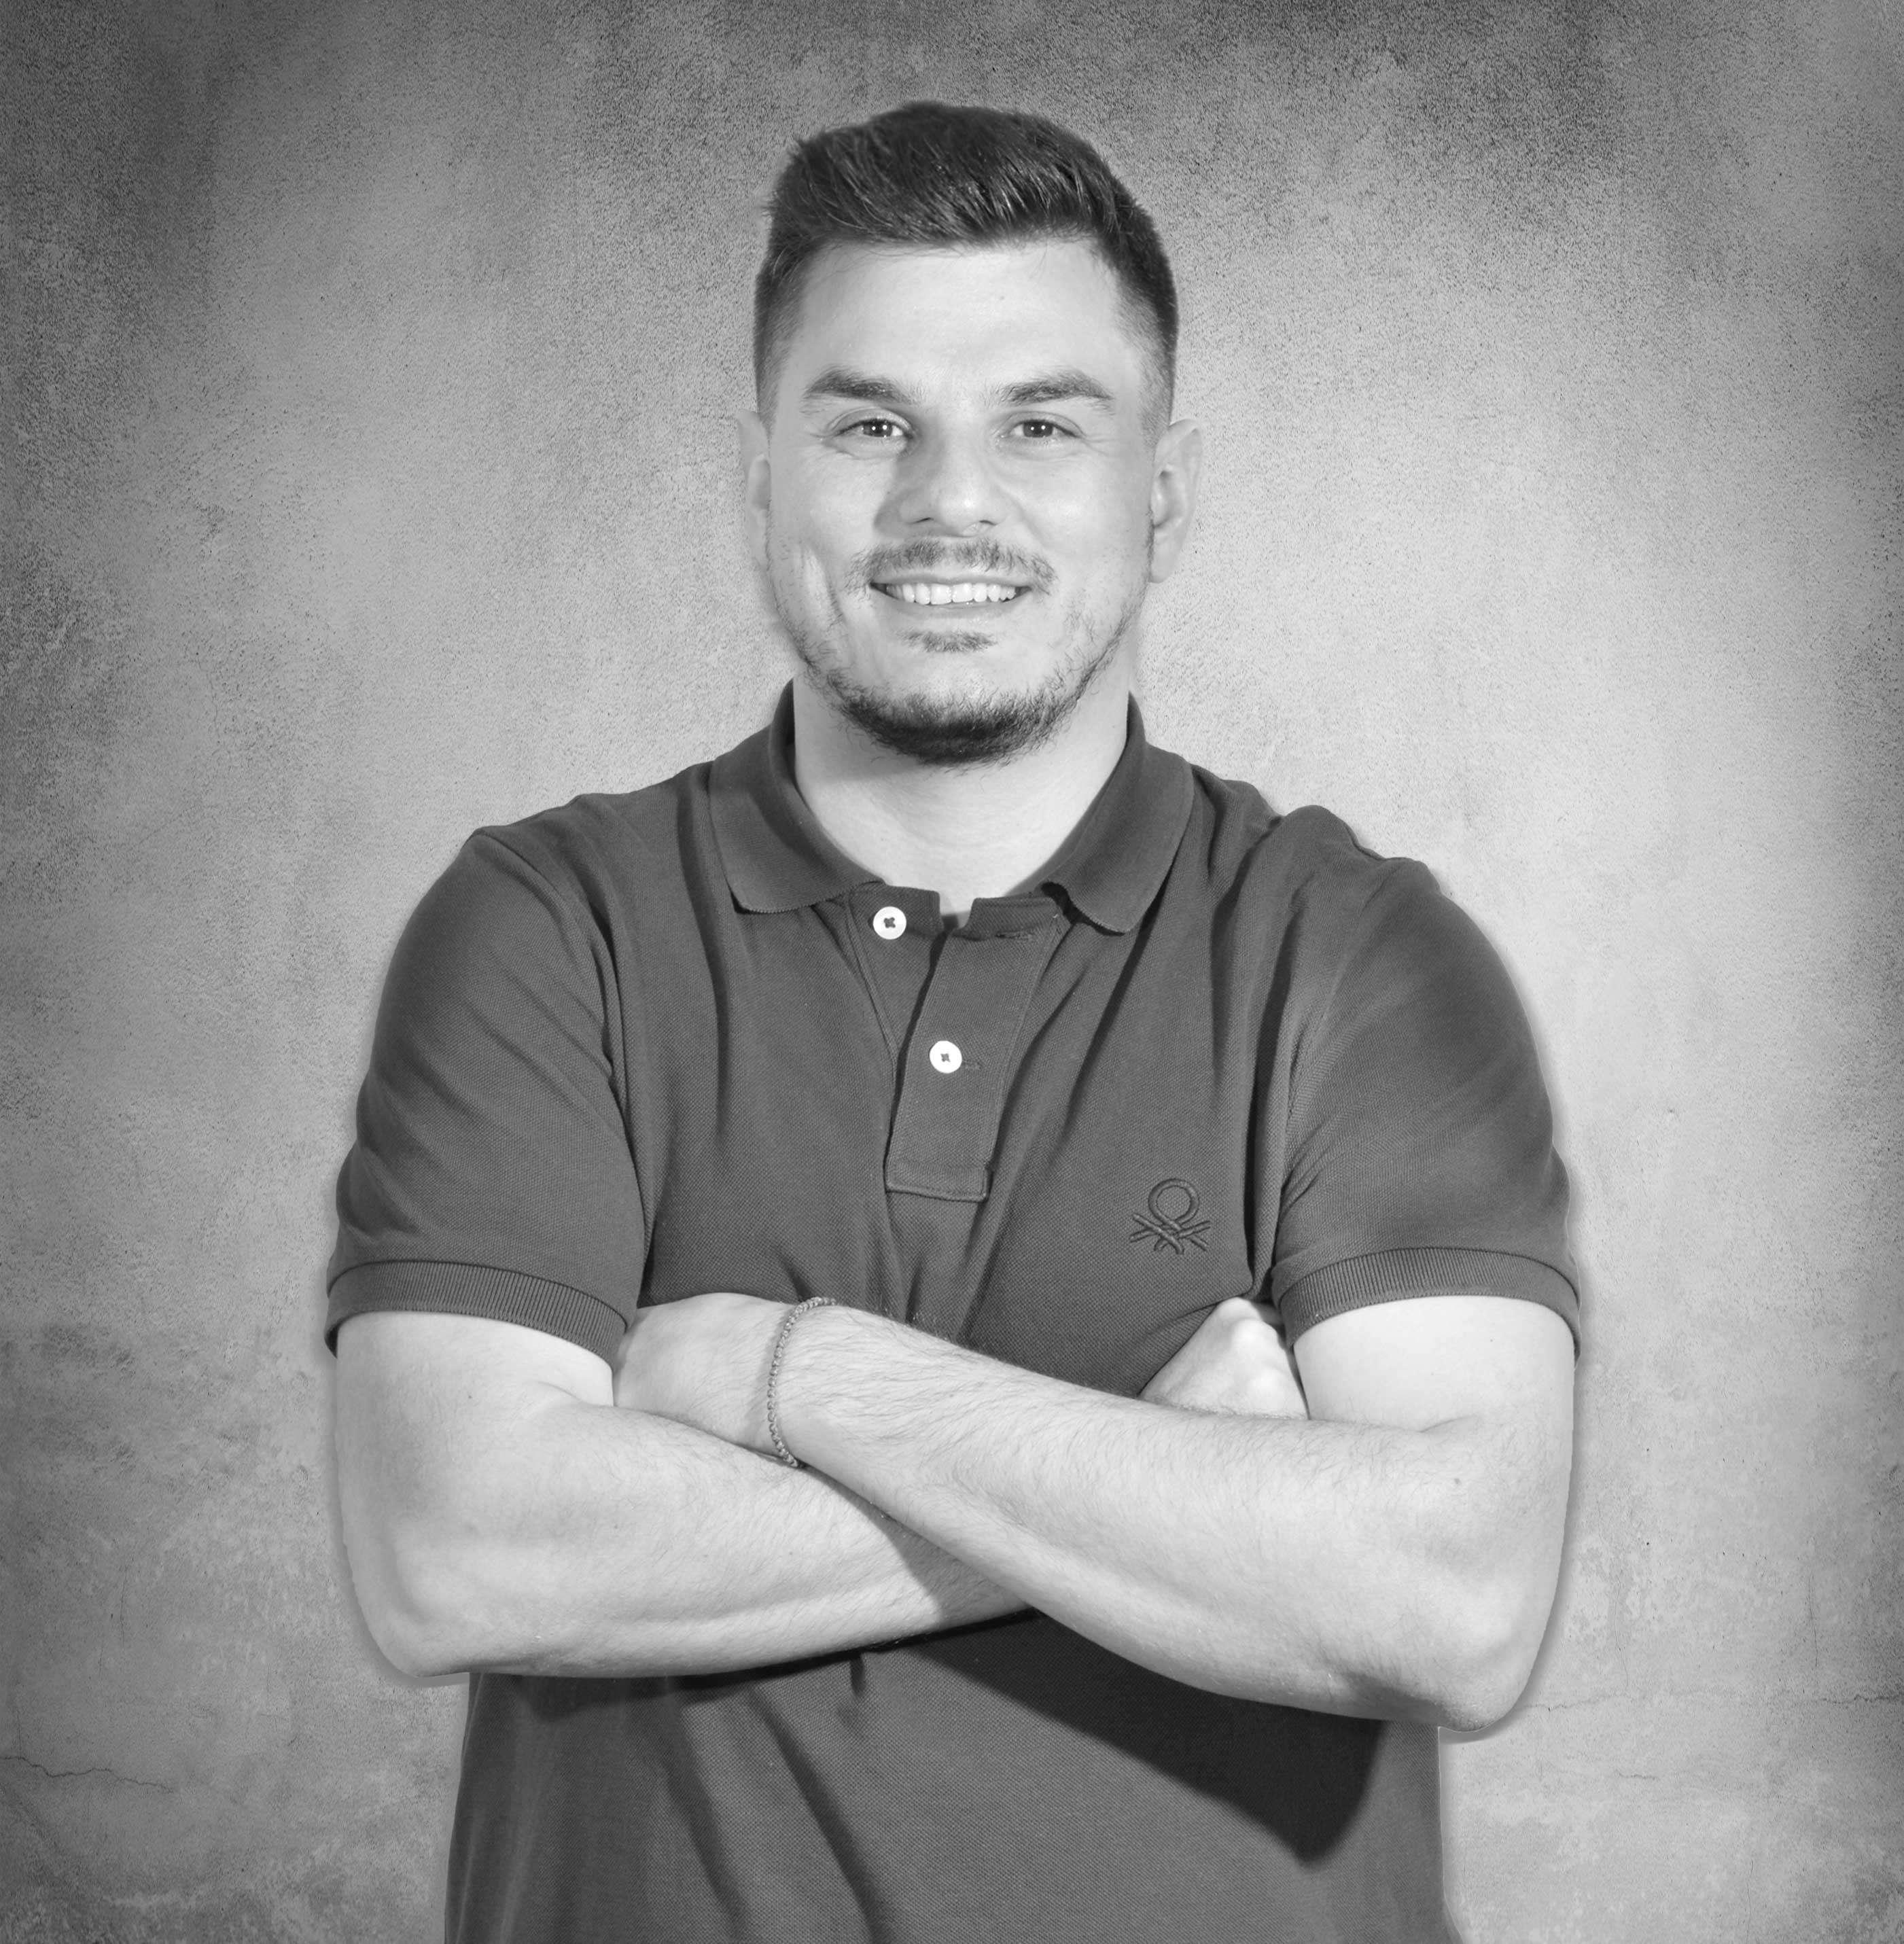 Δημήτριος Νικολαΐδης Founder-Project Manager